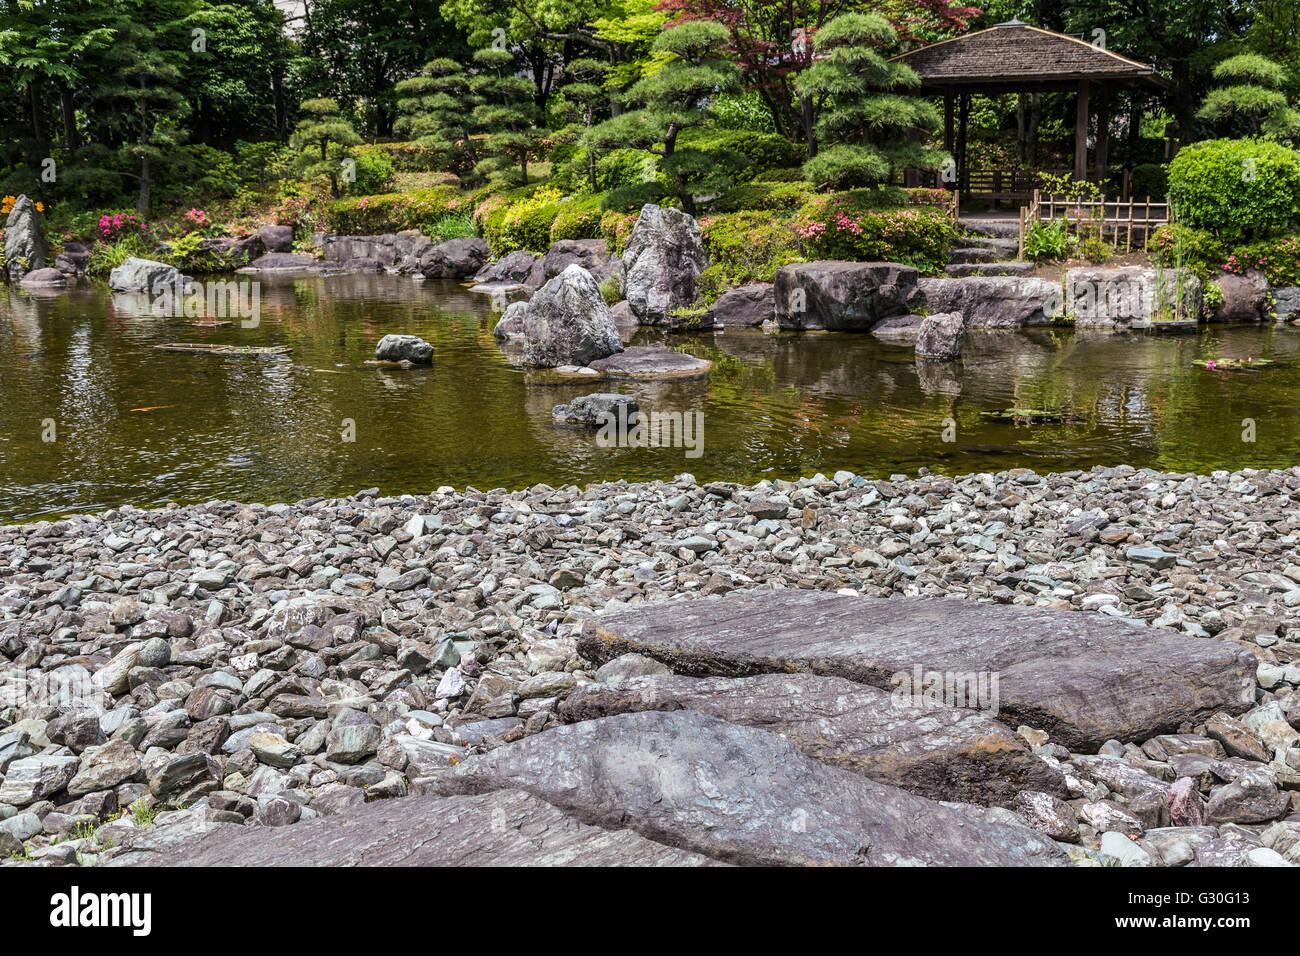 Comunidad Hanahata Garden es un jardín japonés en Adachi-ku Tokio. Aunque su formación es relativamente Imagen De Stock